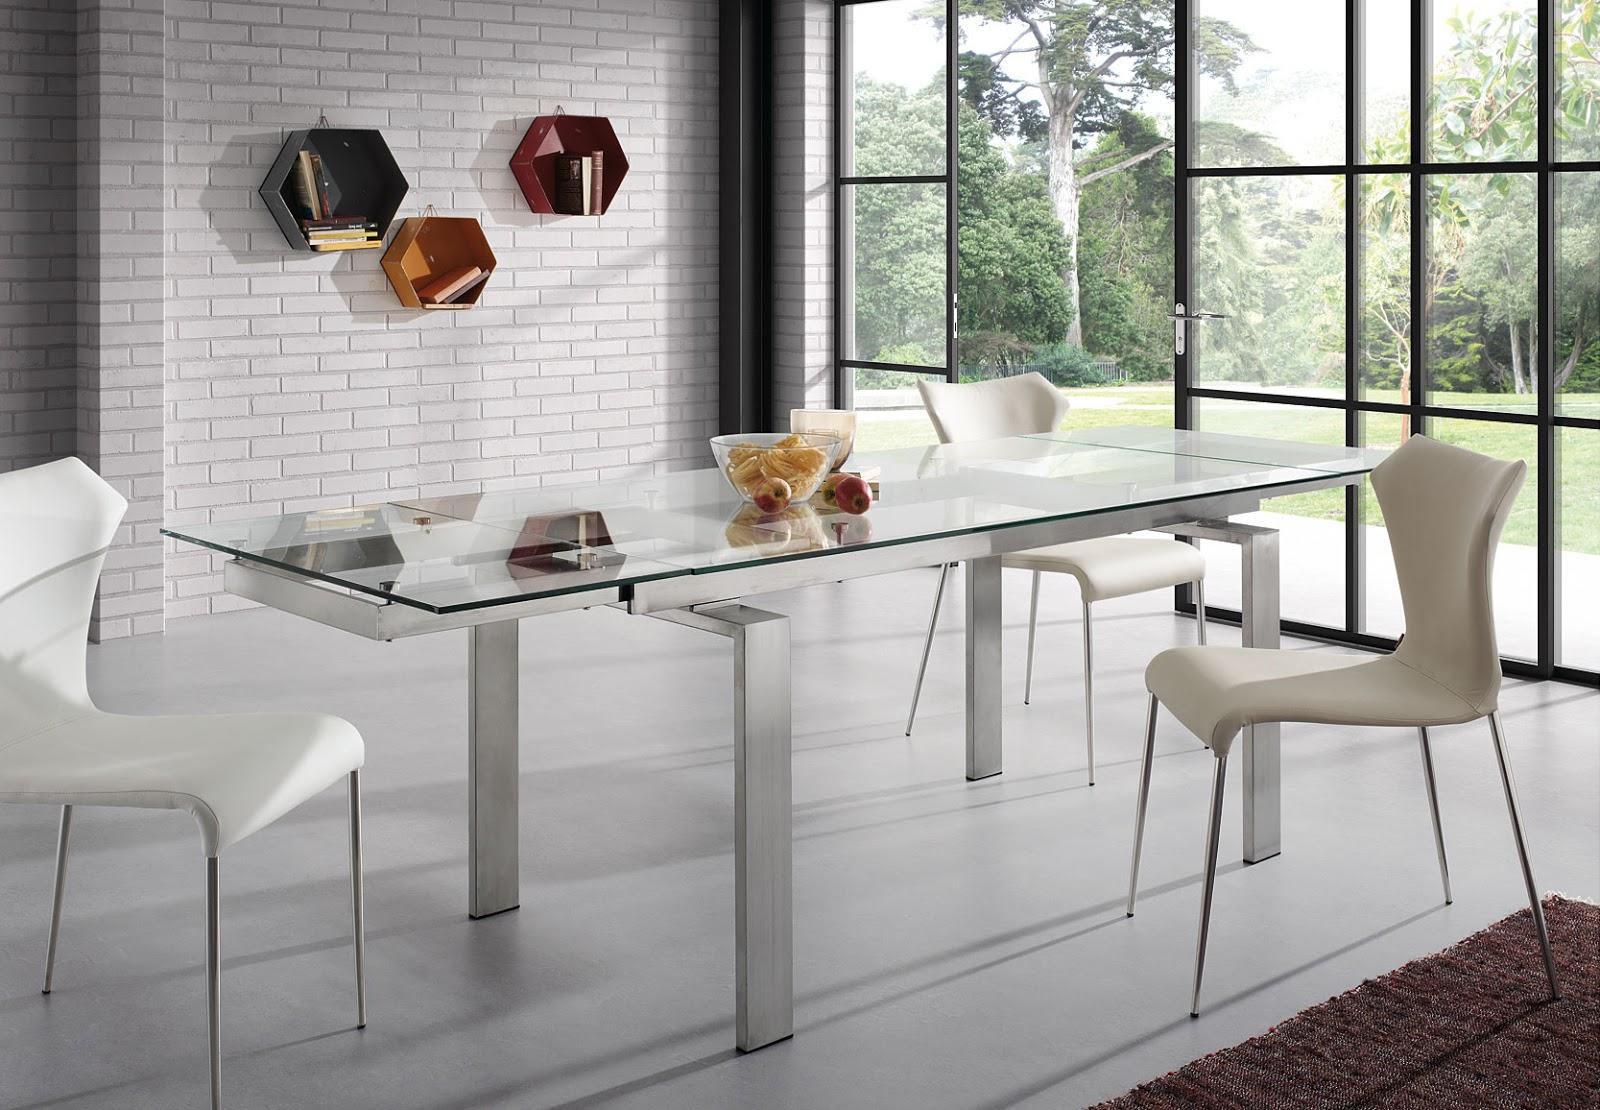 Mesas de comedor como decorar una mesa de comedor de cristal - Mesa de comedor cristal ...